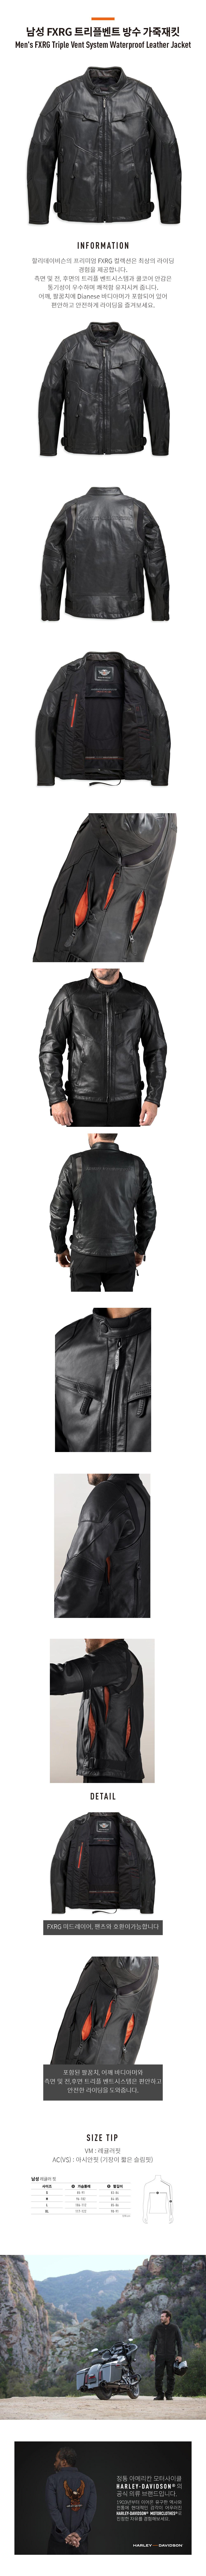 남성 FXRG 트리플 벤트 방수 가죽재킷